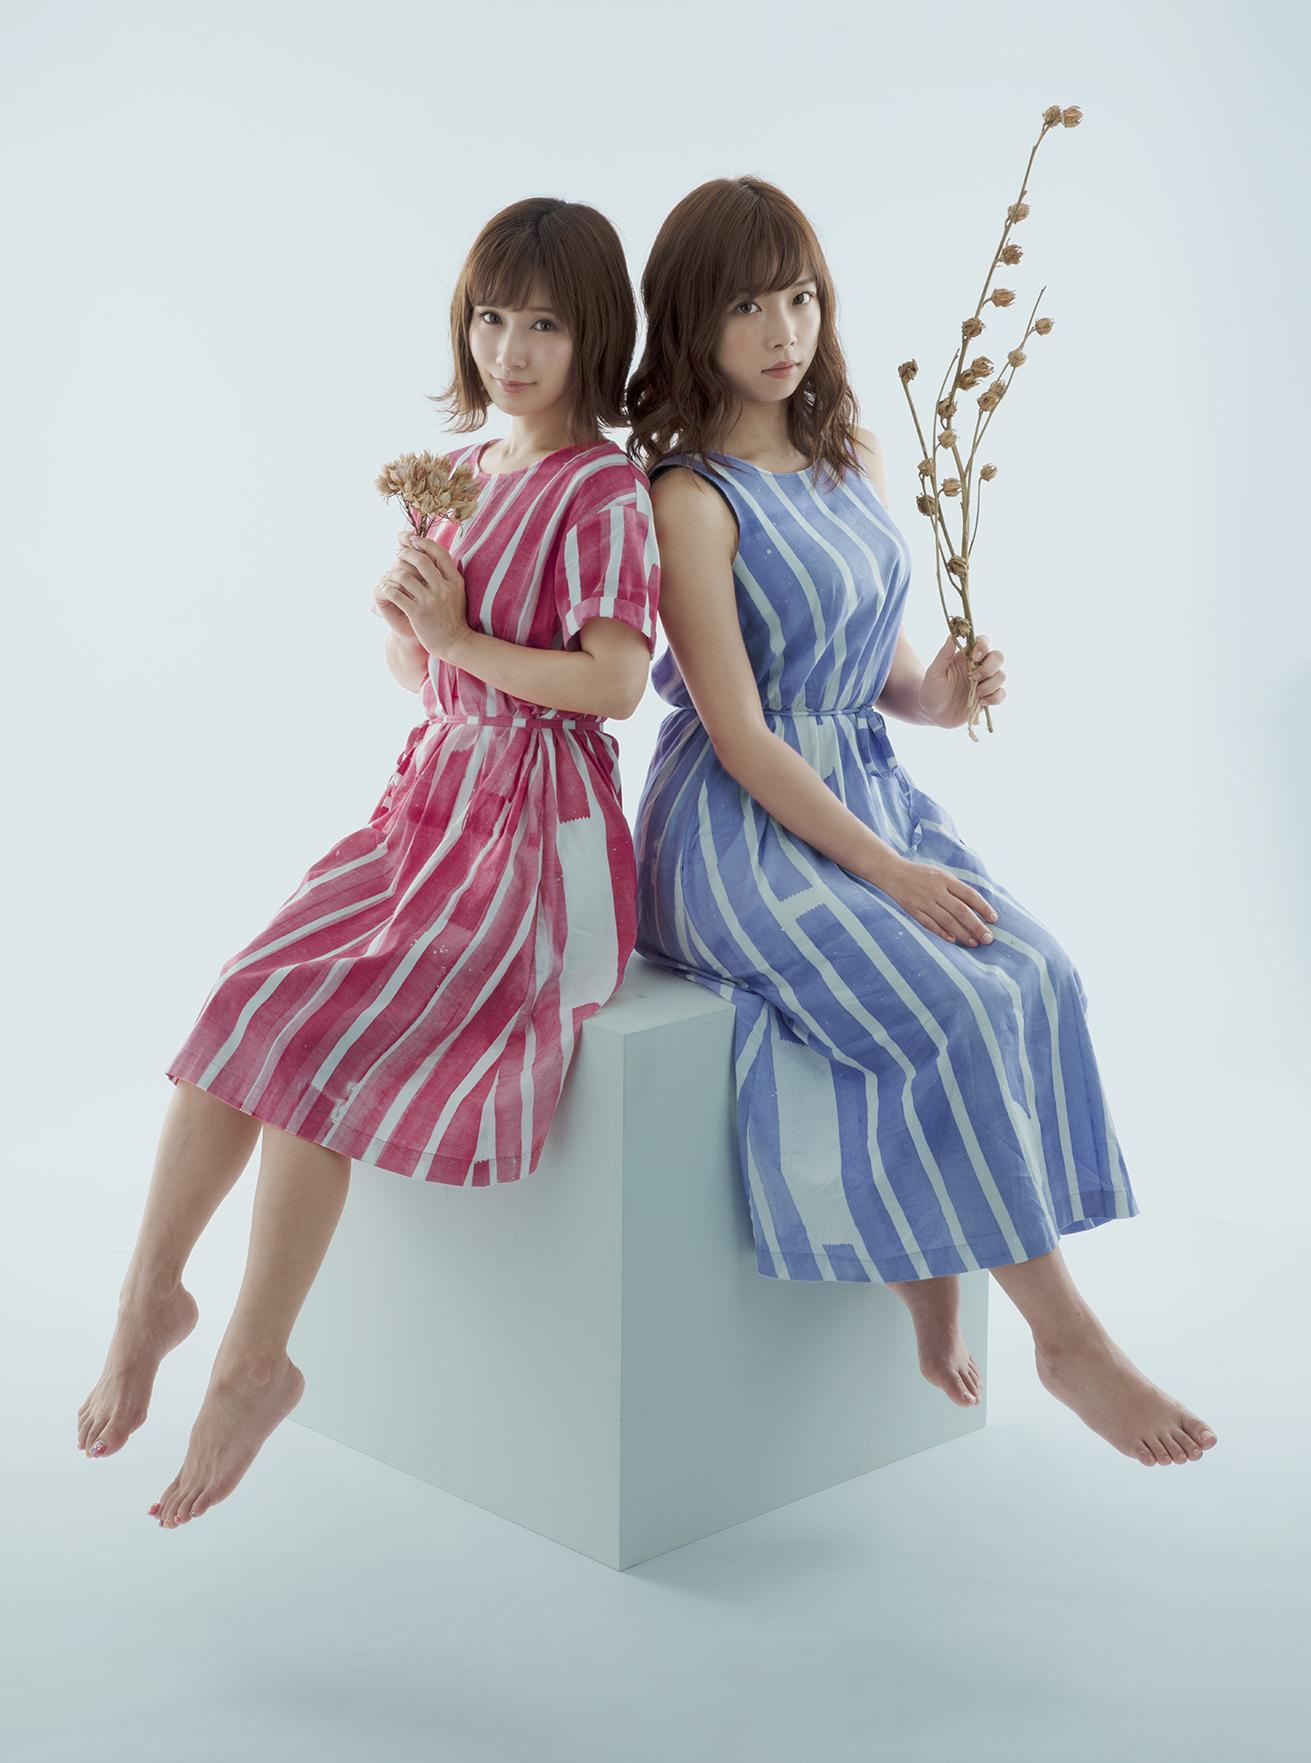 おとといフライデー(小島みなみ・紗倉まな)が新シングル『東京/ウォーシャンハニー』を11.30の金曜日にリリース